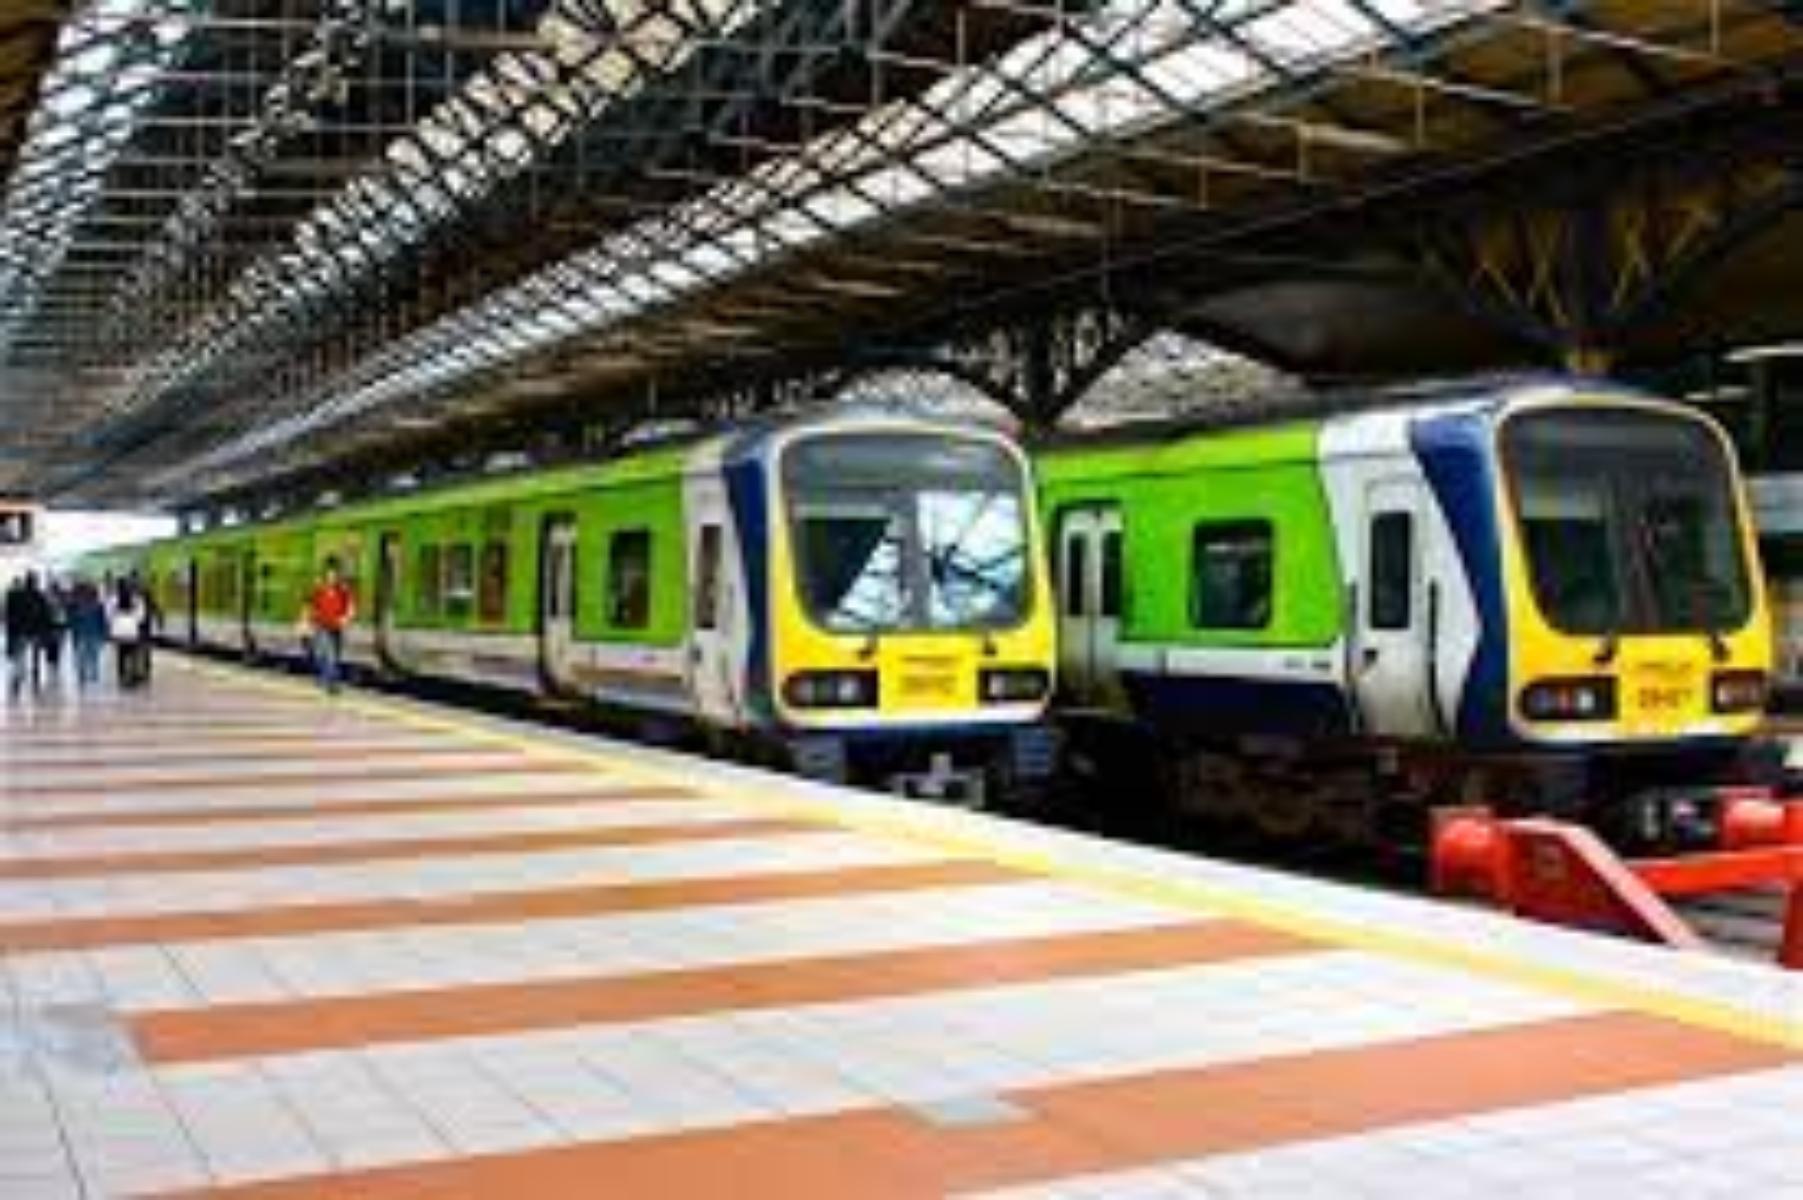 Public Transport Returns to Full Capacity